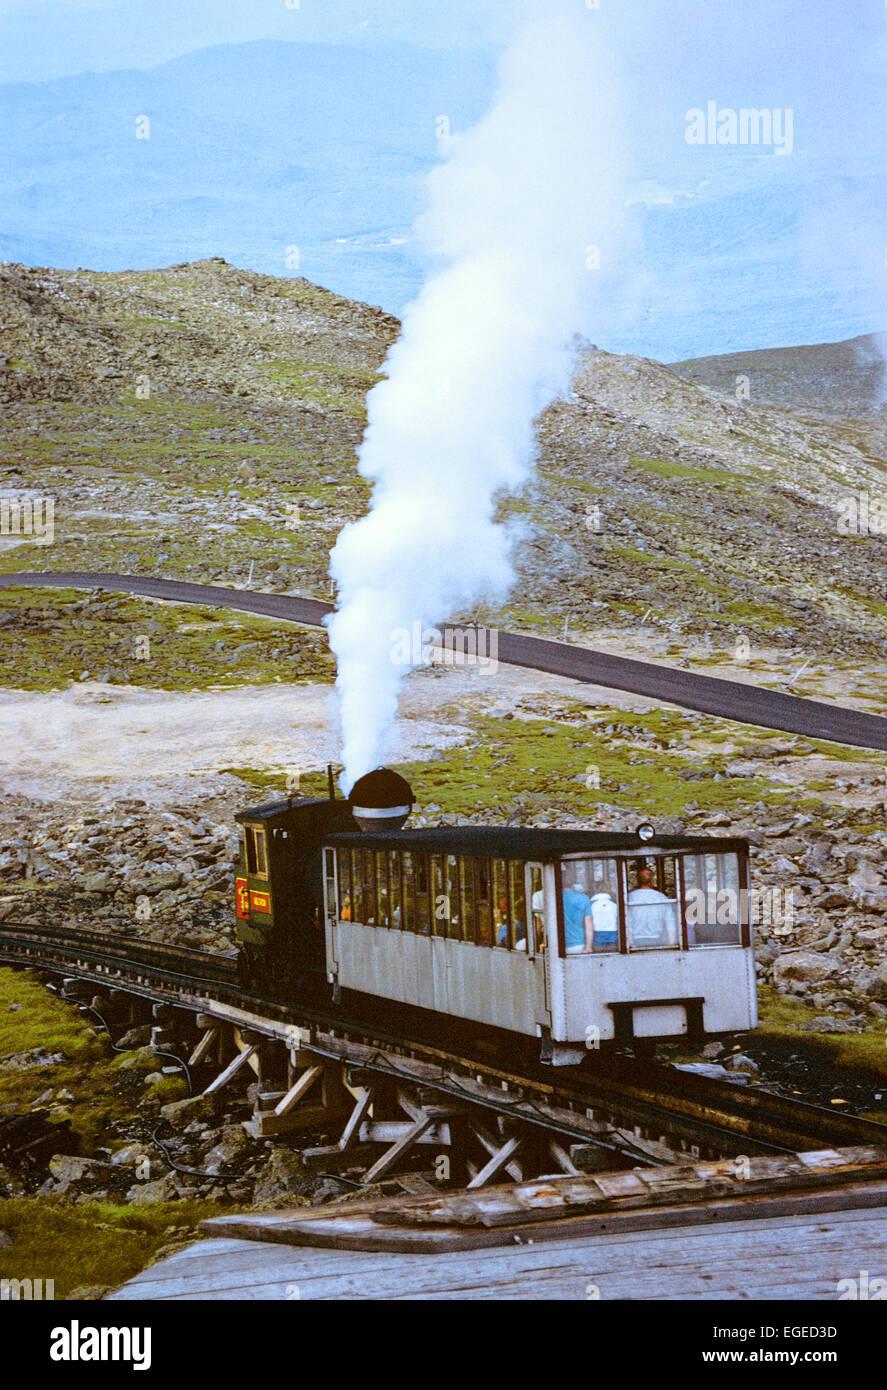 Mount Washington cog train, New Hampshire, USA. - Stock Image